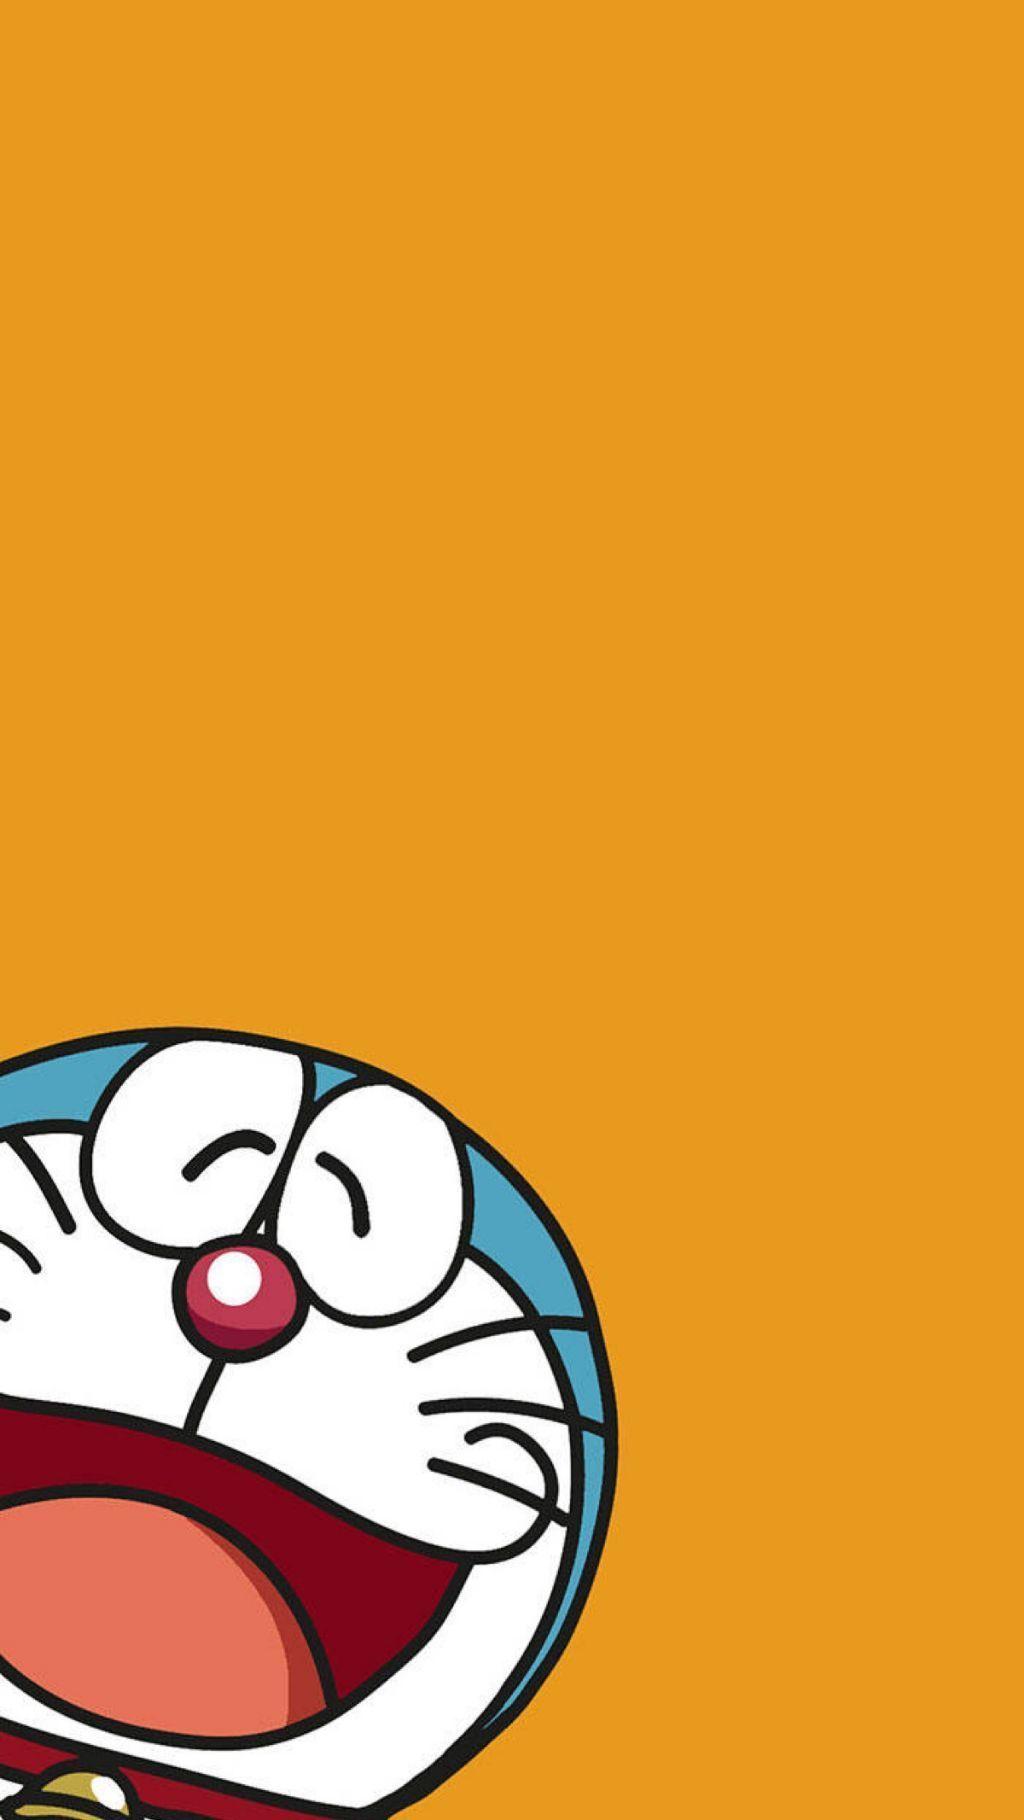 手机壁纸:蓝胖子、多啦A梦、叮当猫手机壁纸,赶紧换上。插图35